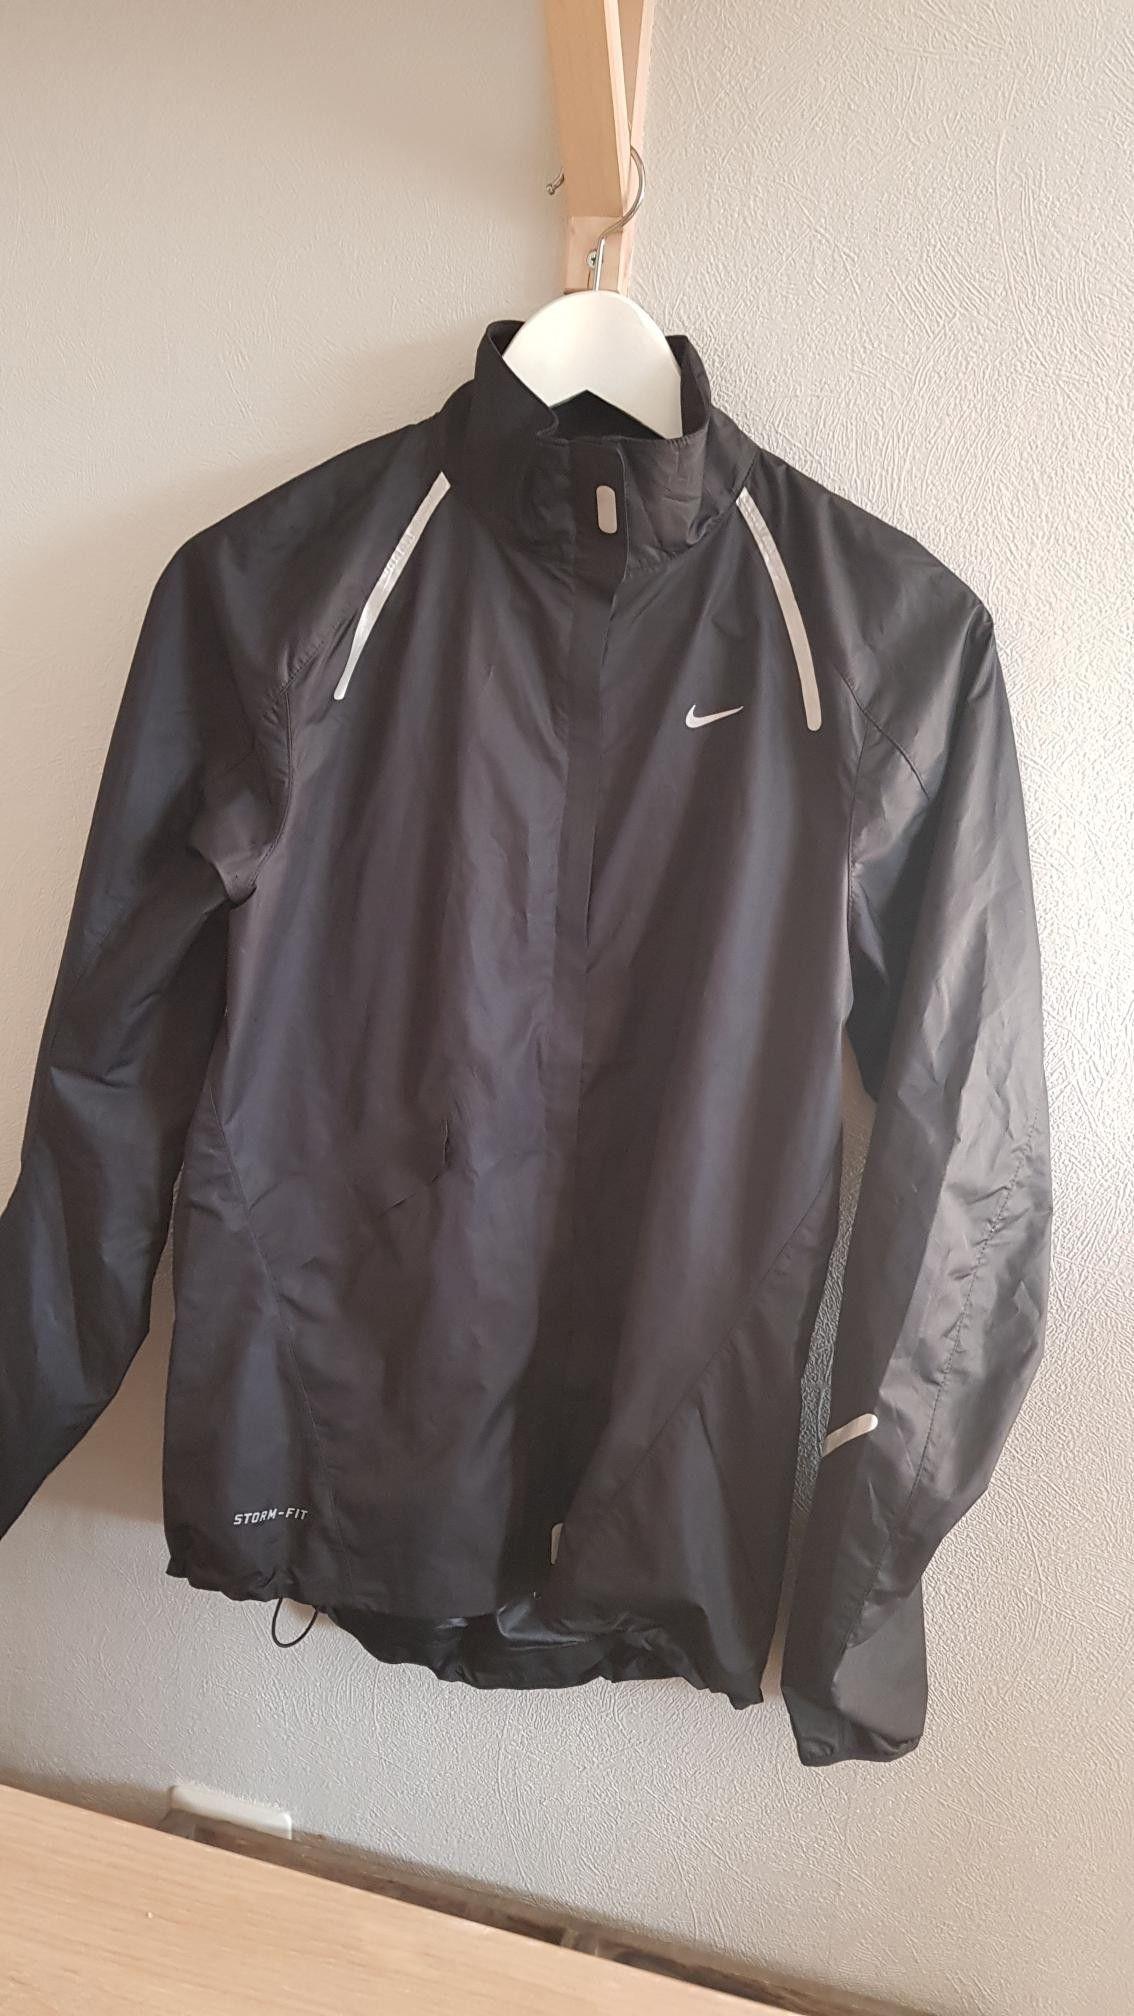 b54b56c9 Nike stormfit løpejakke str S | FINN.no